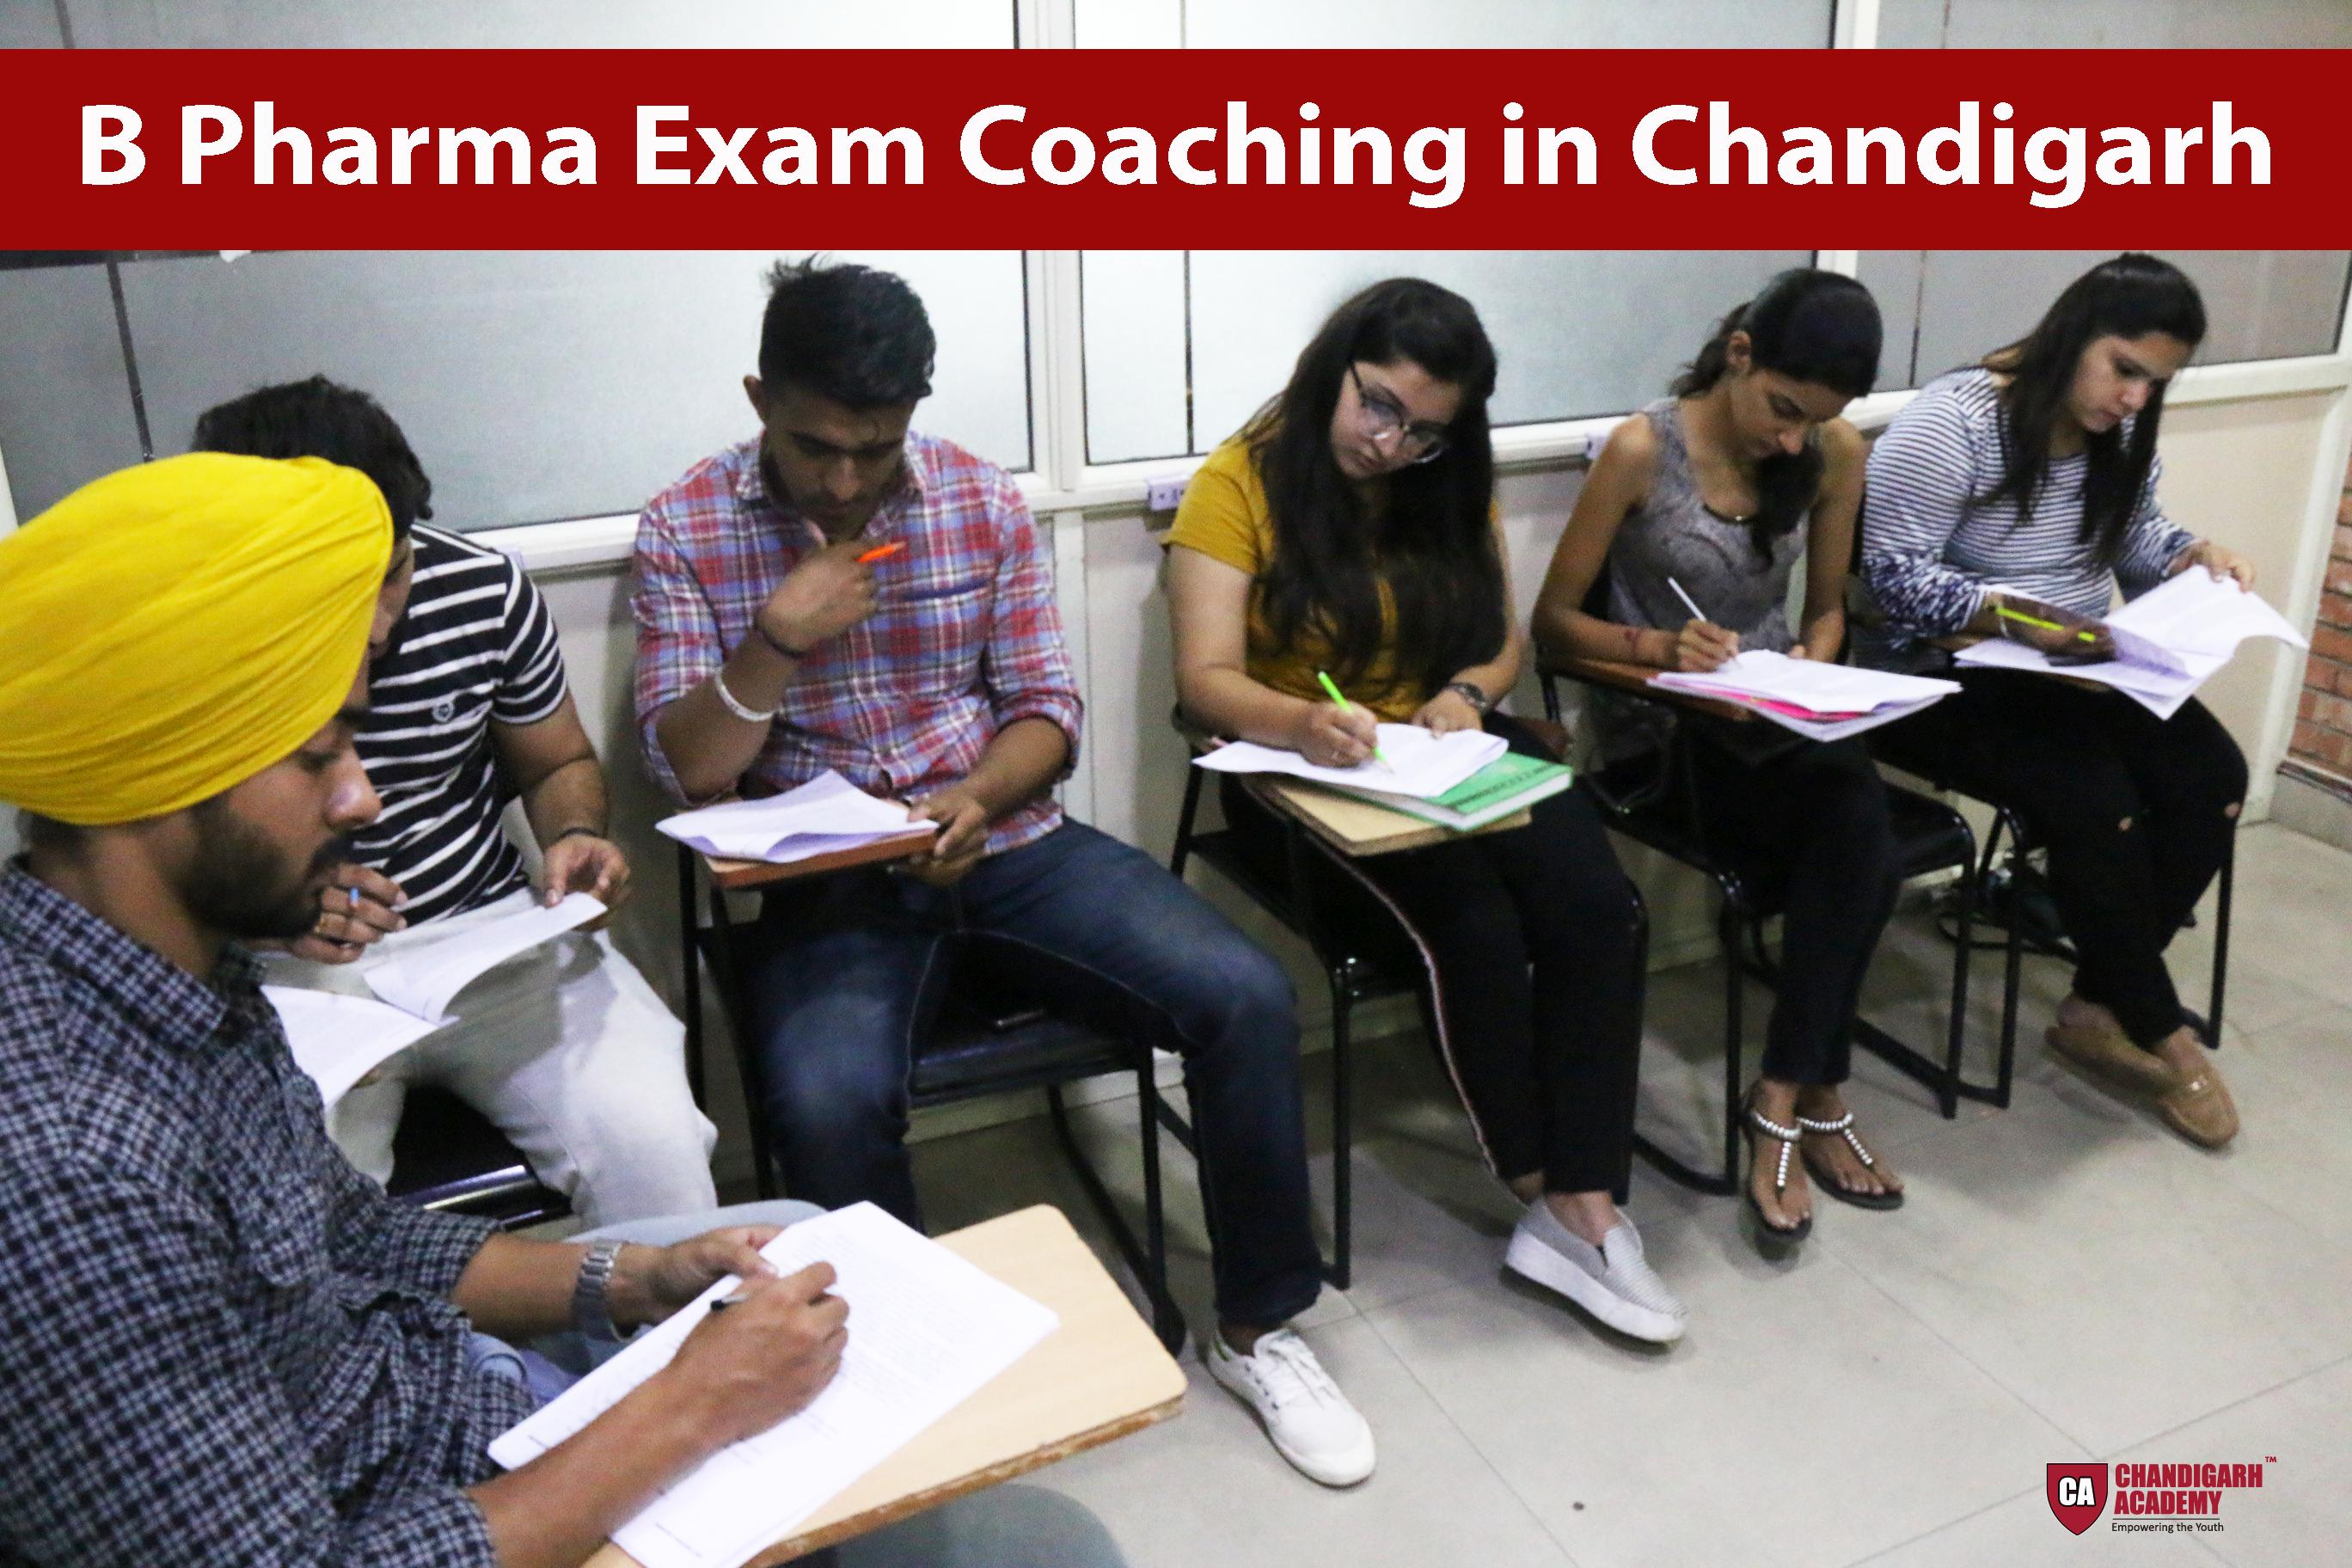 B Pharma Exam Coaching in Chandigarh